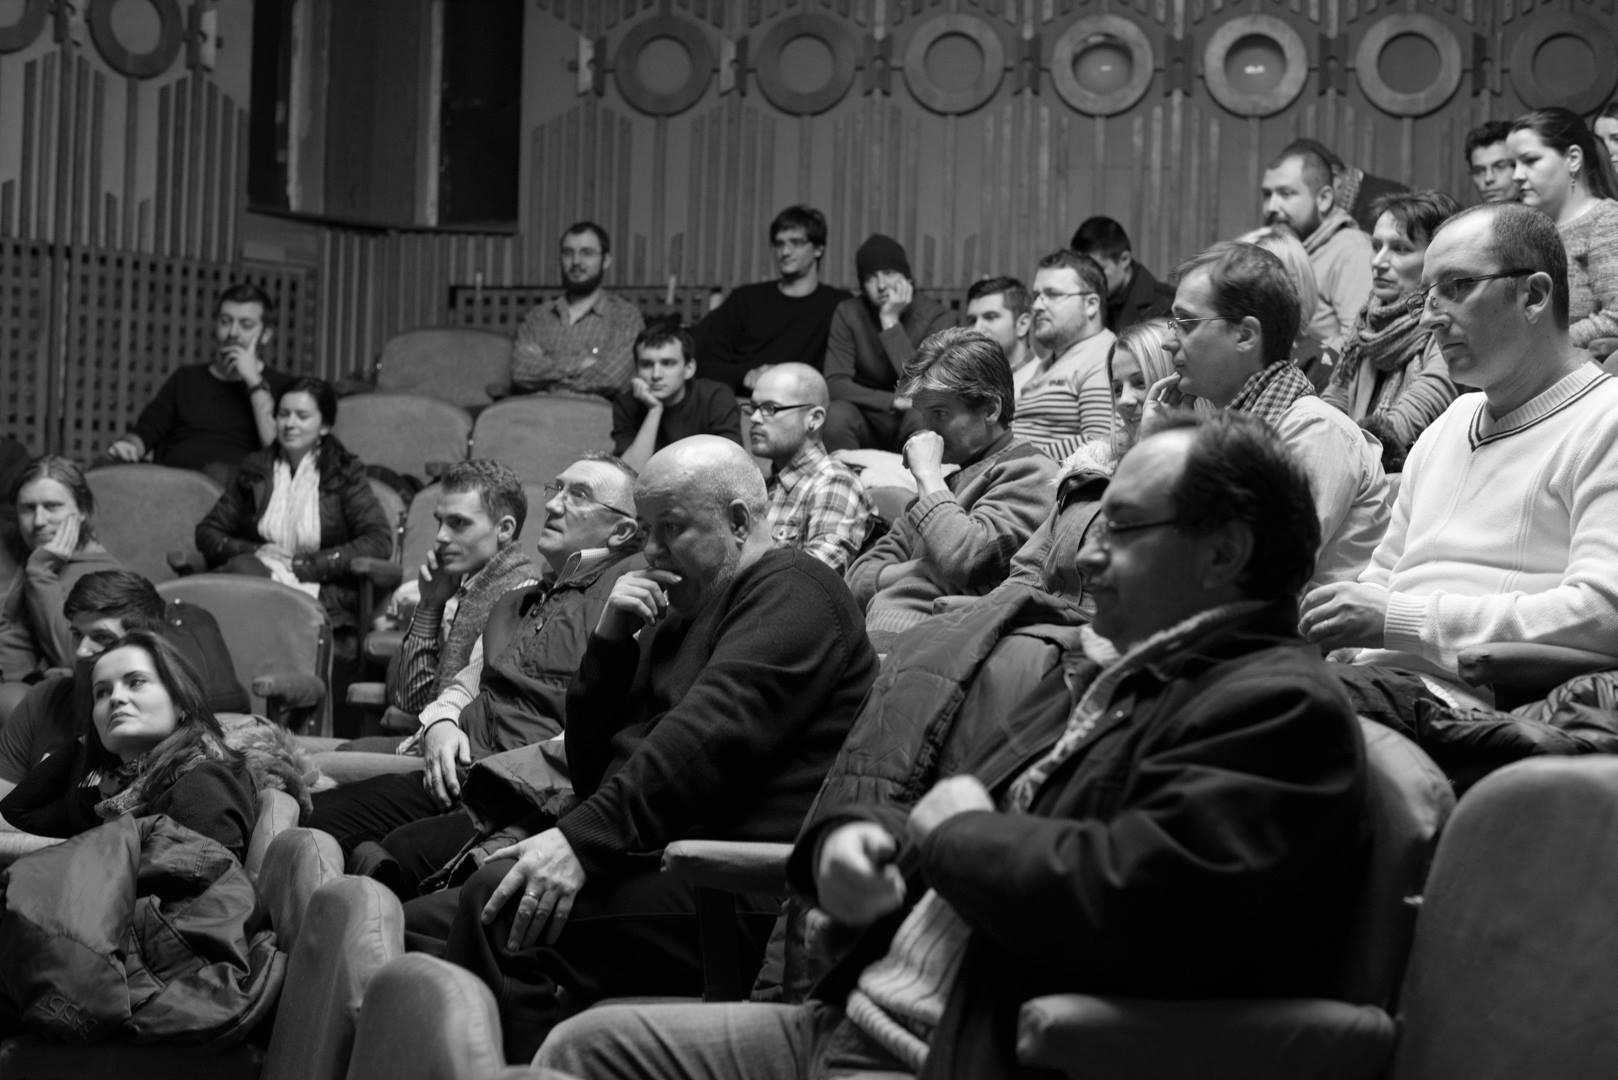 Expoziţie de fotografie Printre popi şi doamne - organizator Clubul Fotografilor Iasi Paul Padurariu cadru Mihail Urscahe Copou 5